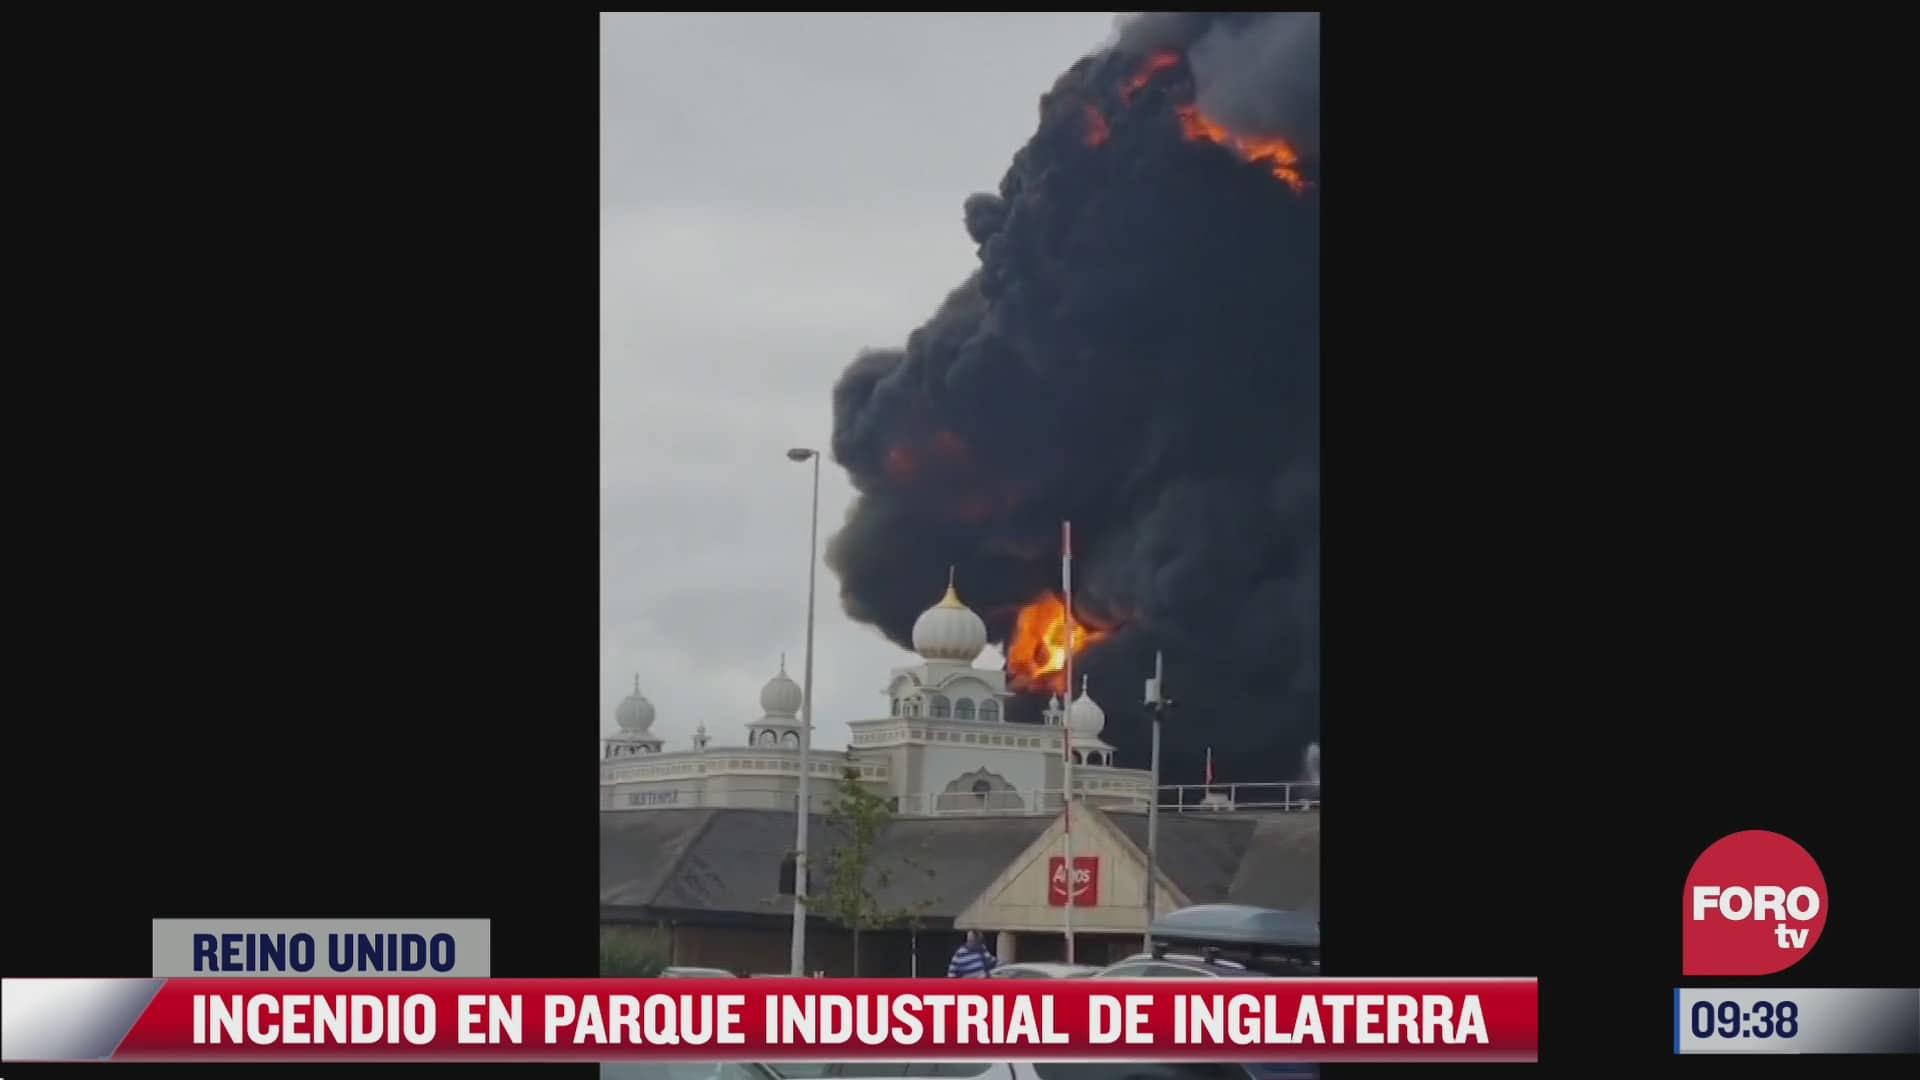 se registra incendio en parque industrial de inglaterra